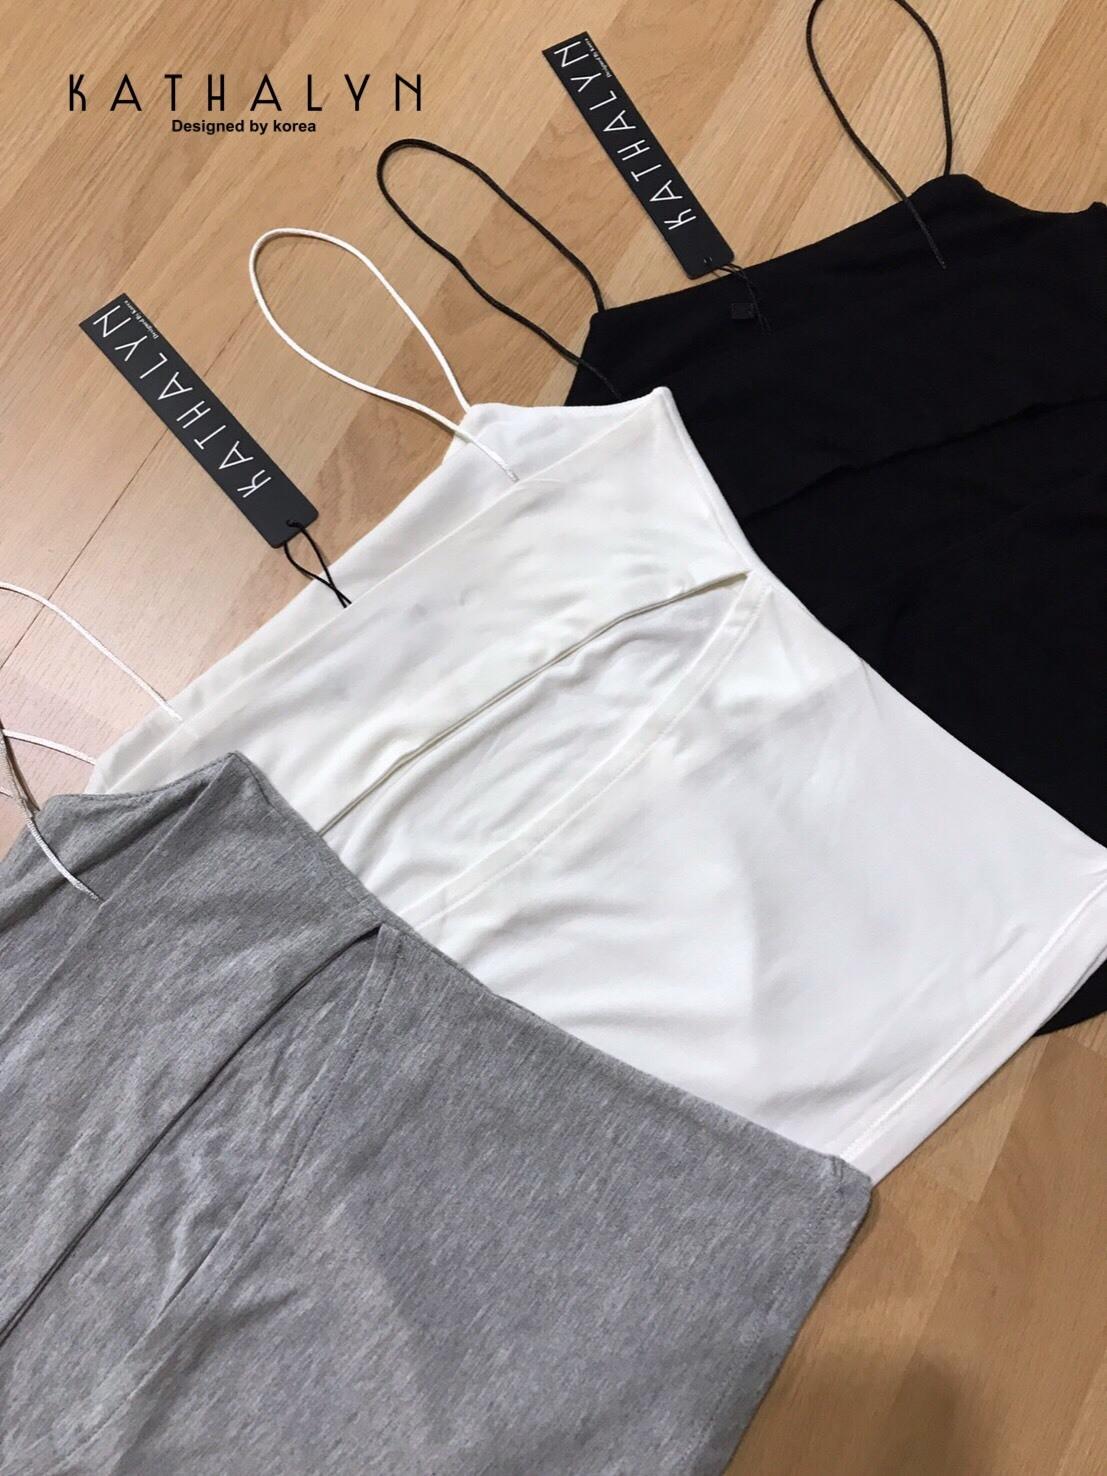 เสื้อผ้าเกาหลีพร้อมส่ง เสื้อสายเดี่ยว ผ้ายืดตามรูปร่างเข้ารูปใส่สวยมากๆคะ